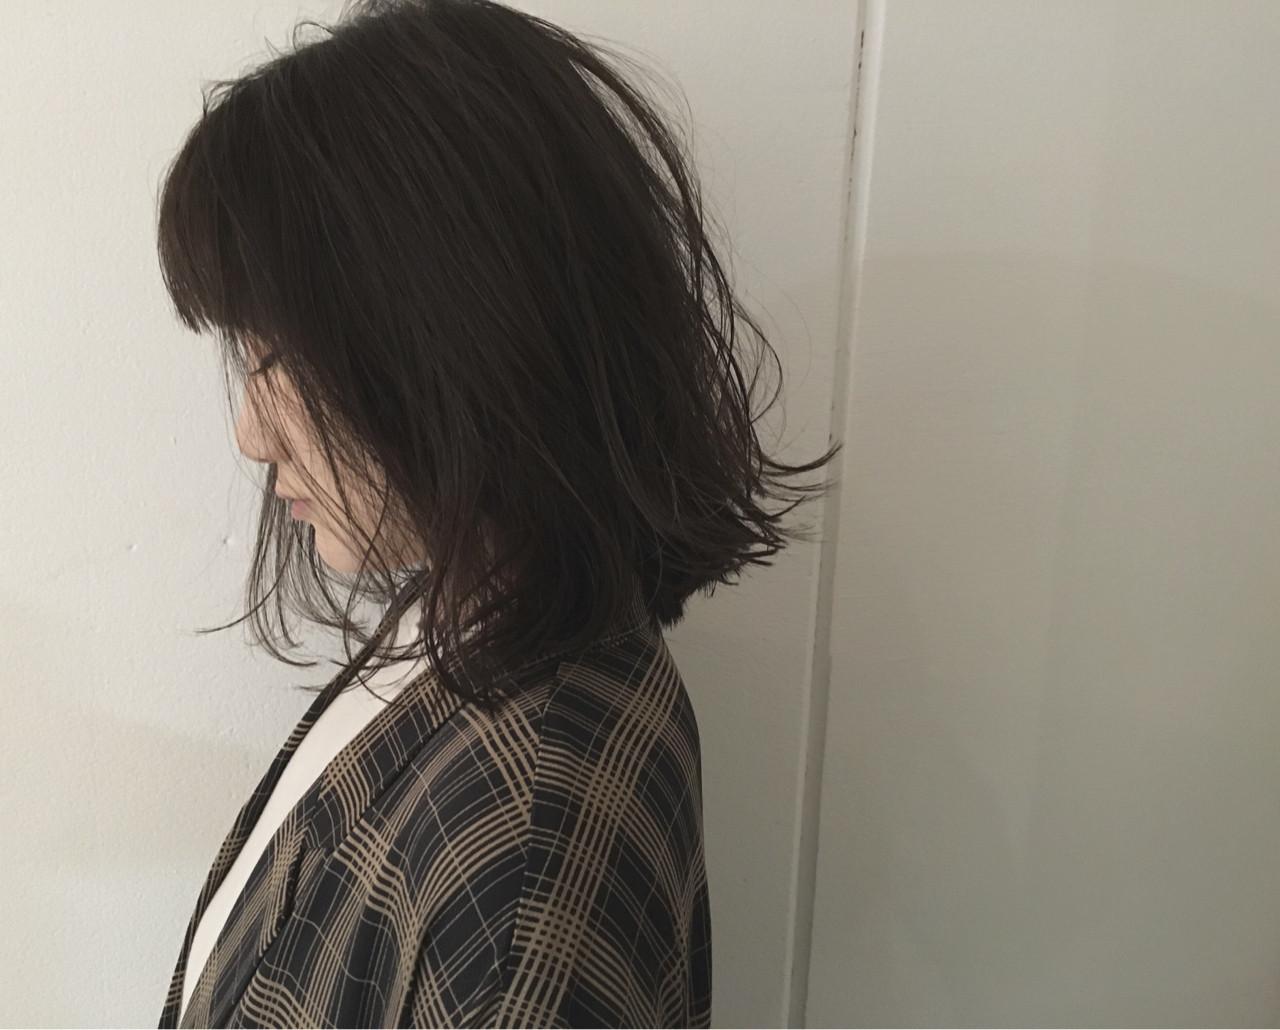 前下がり 抜け感 アッシュ ストリート ヘアスタイルや髪型の写真・画像 | 杉谷 将也 / DiLL / DiLL